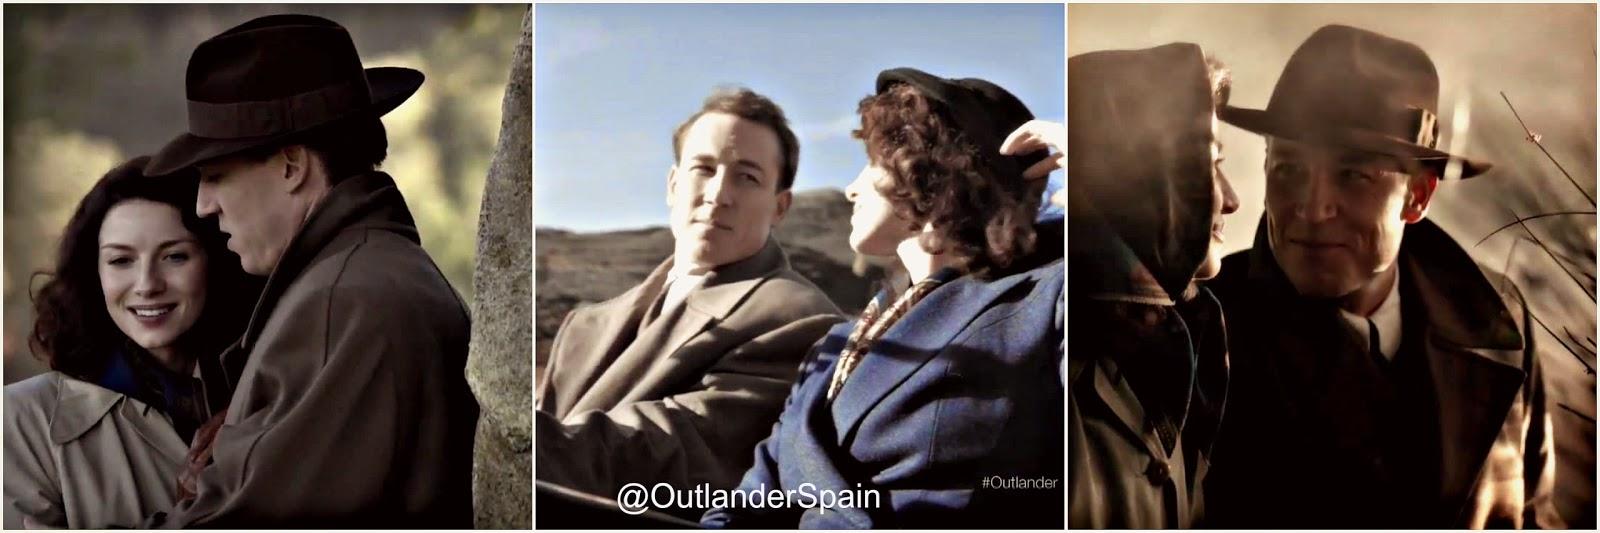 tras las cámaras de Outlander.  2